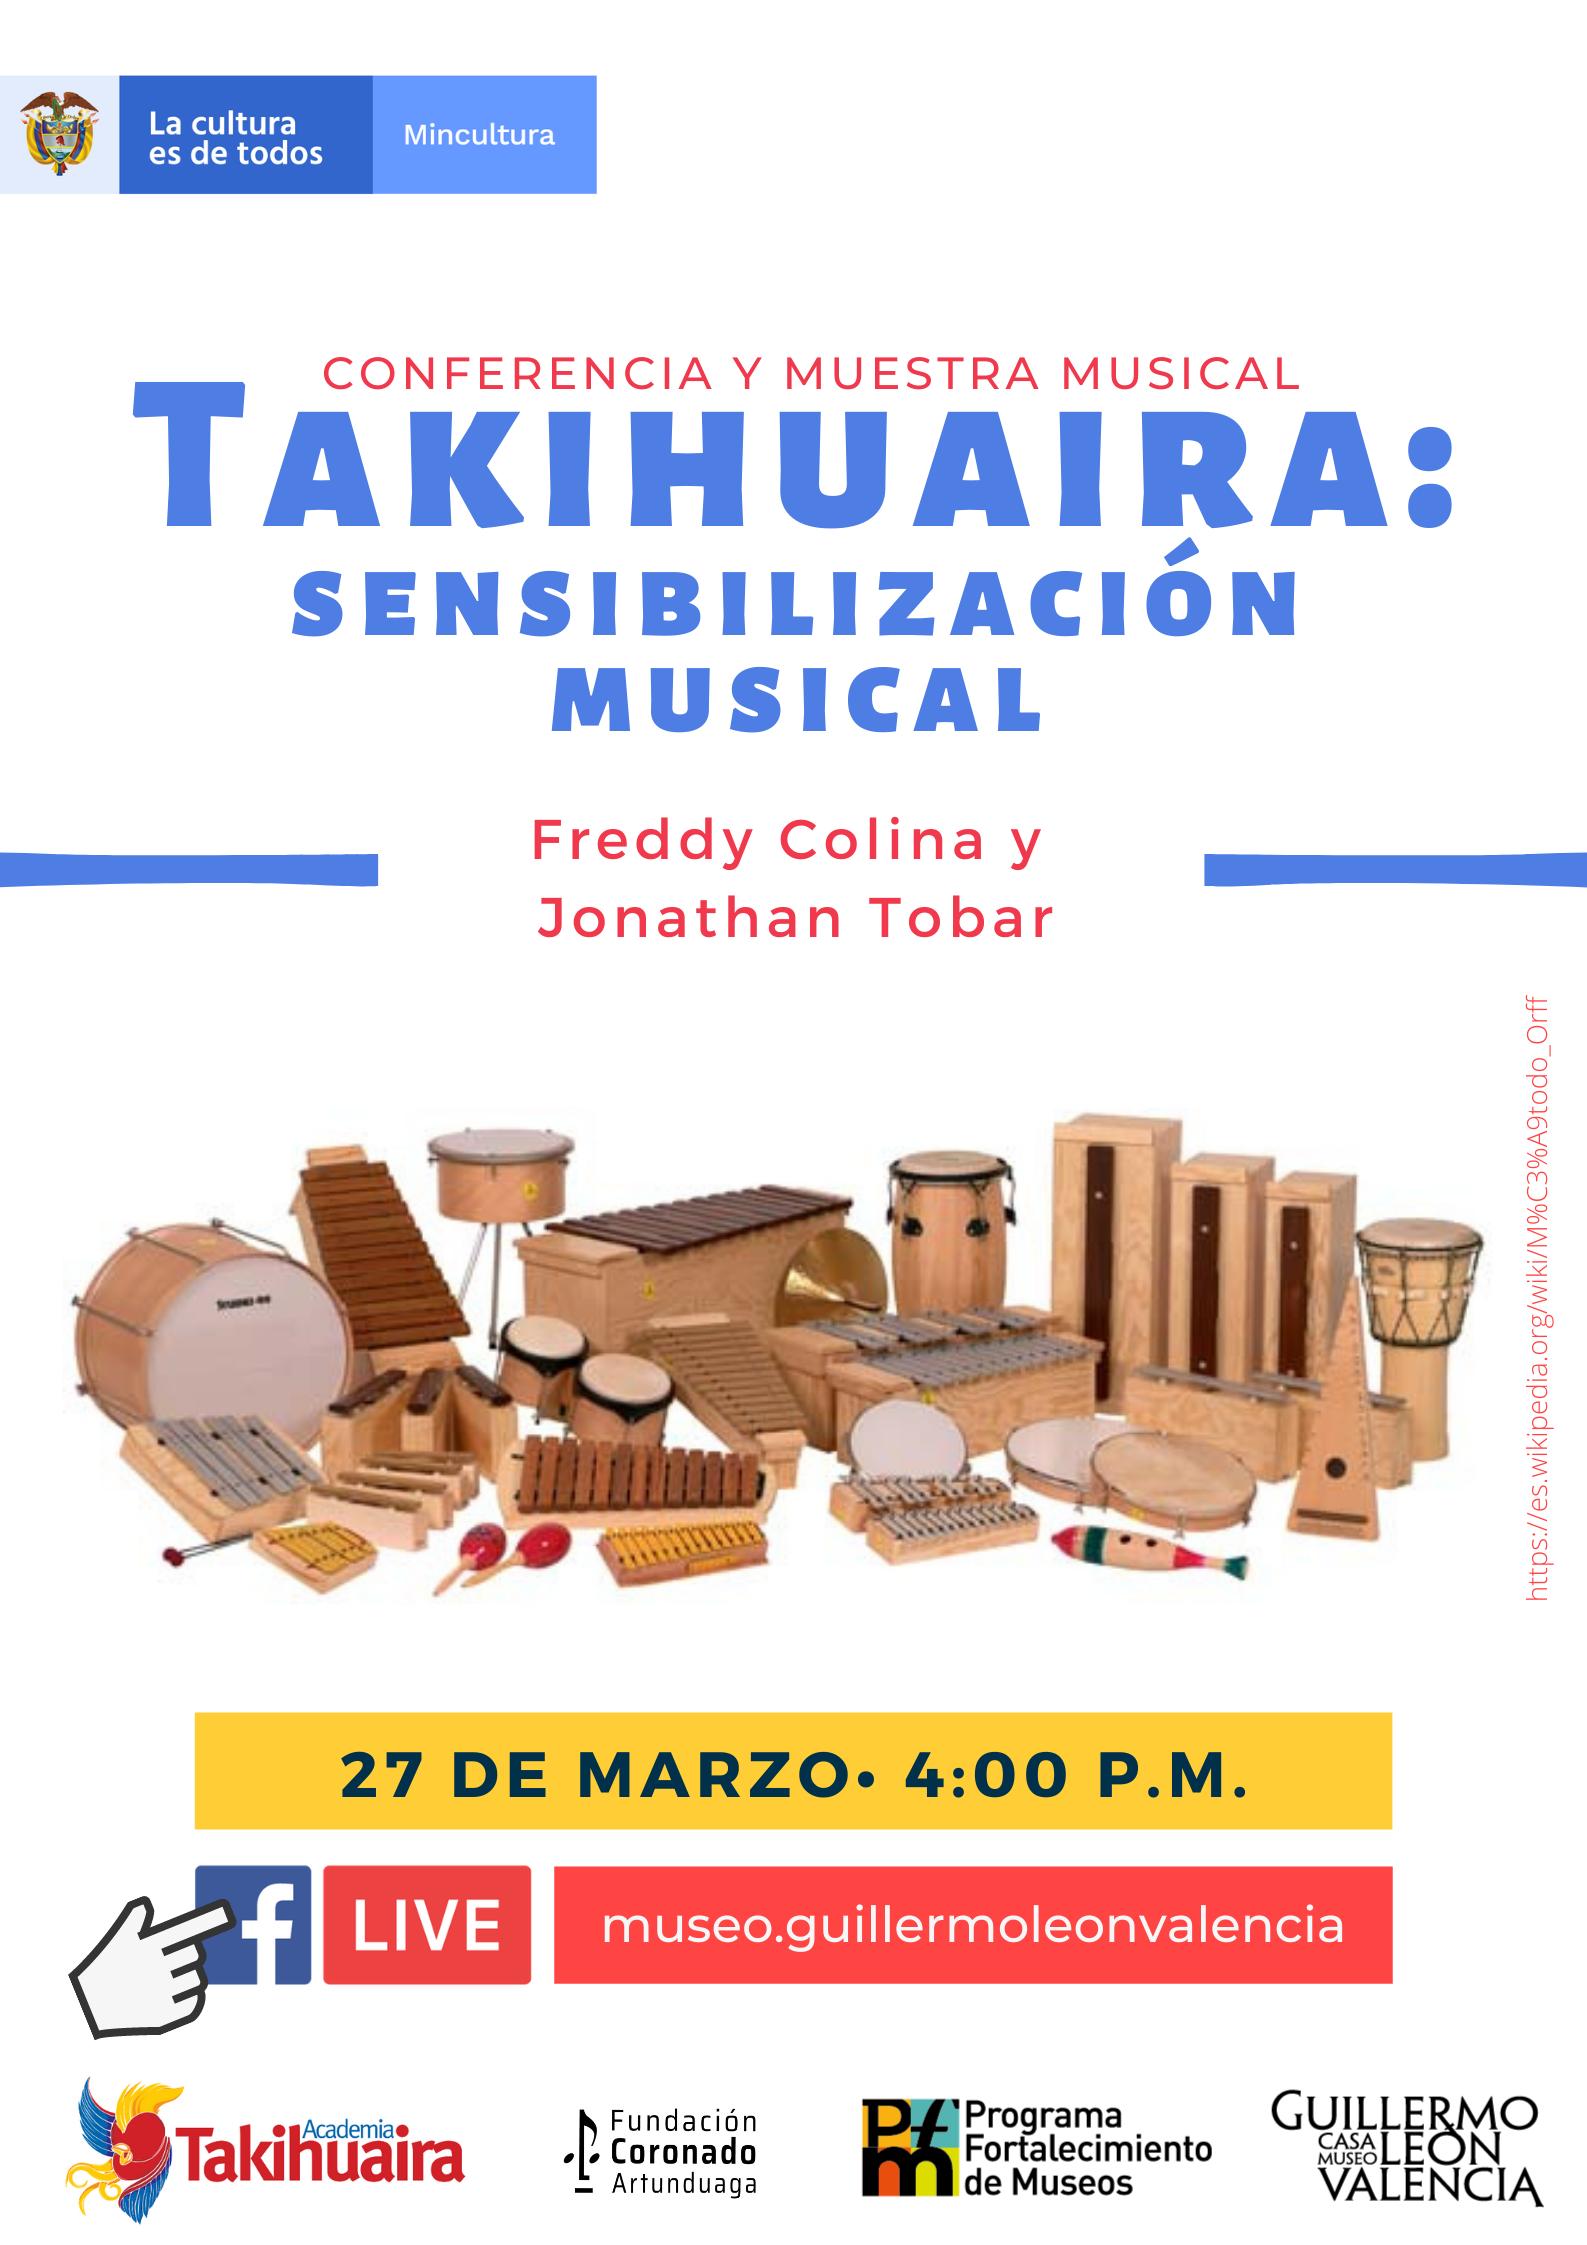 TAKIHUAURA, SENSIBILIZACIÓN MUSICAL